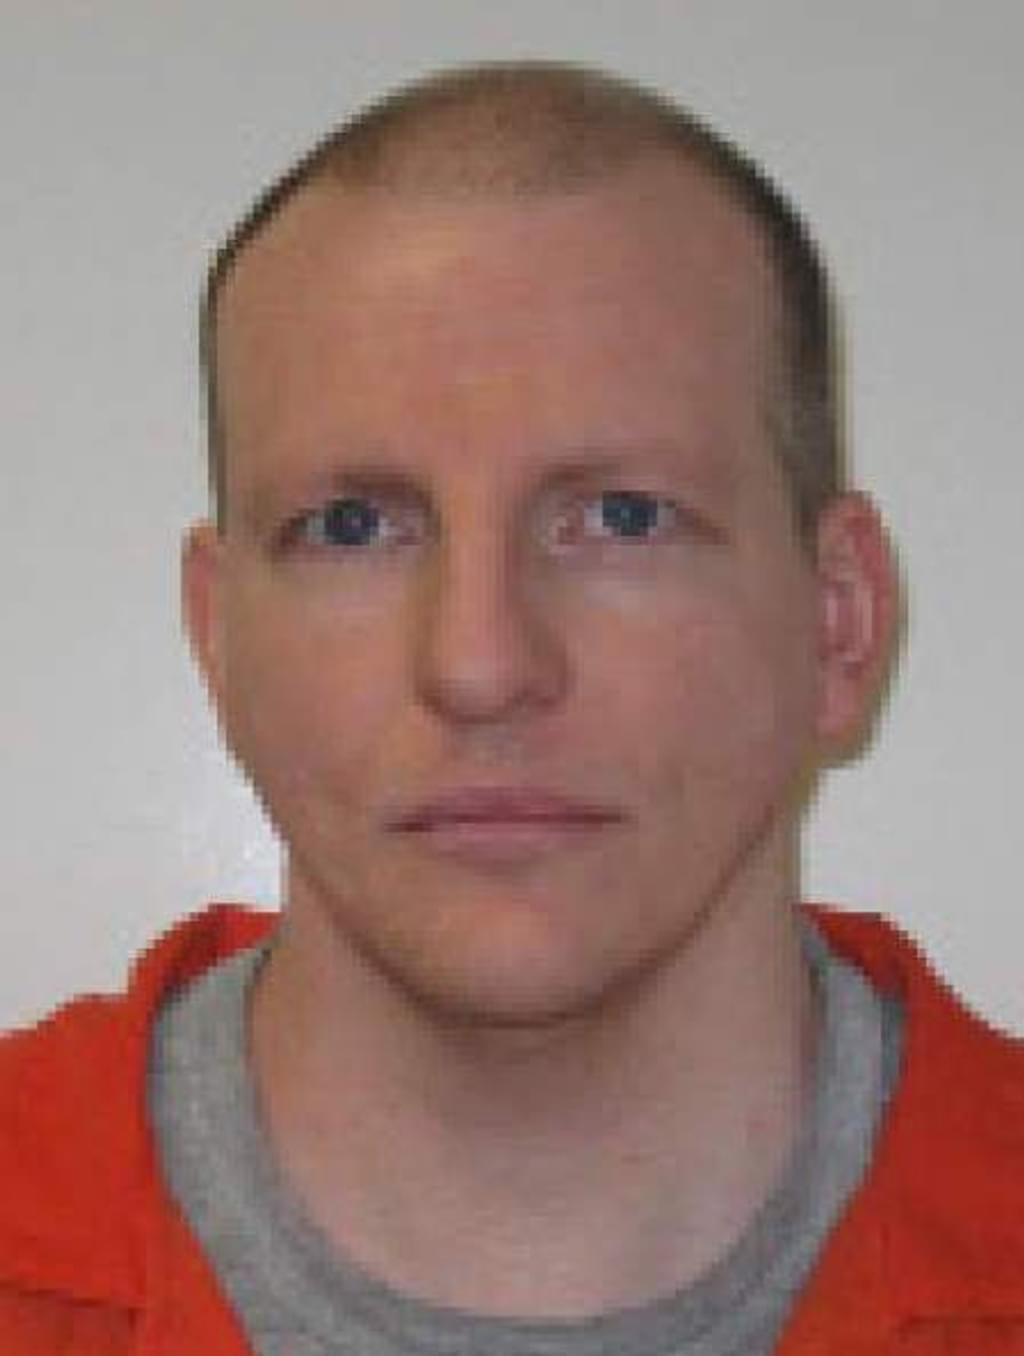 News Brief — Utah Federal Court Grants New Trial to Death-Row Prisoner Von Taylor